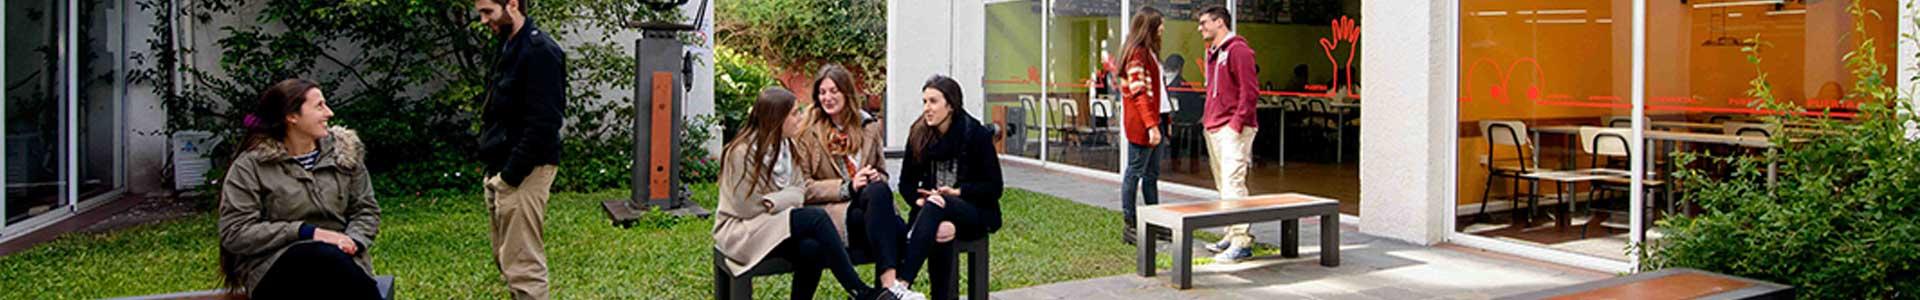 Recursos físicos y académicos - Facultad de Arquitectura Universidad ORT Uruguay